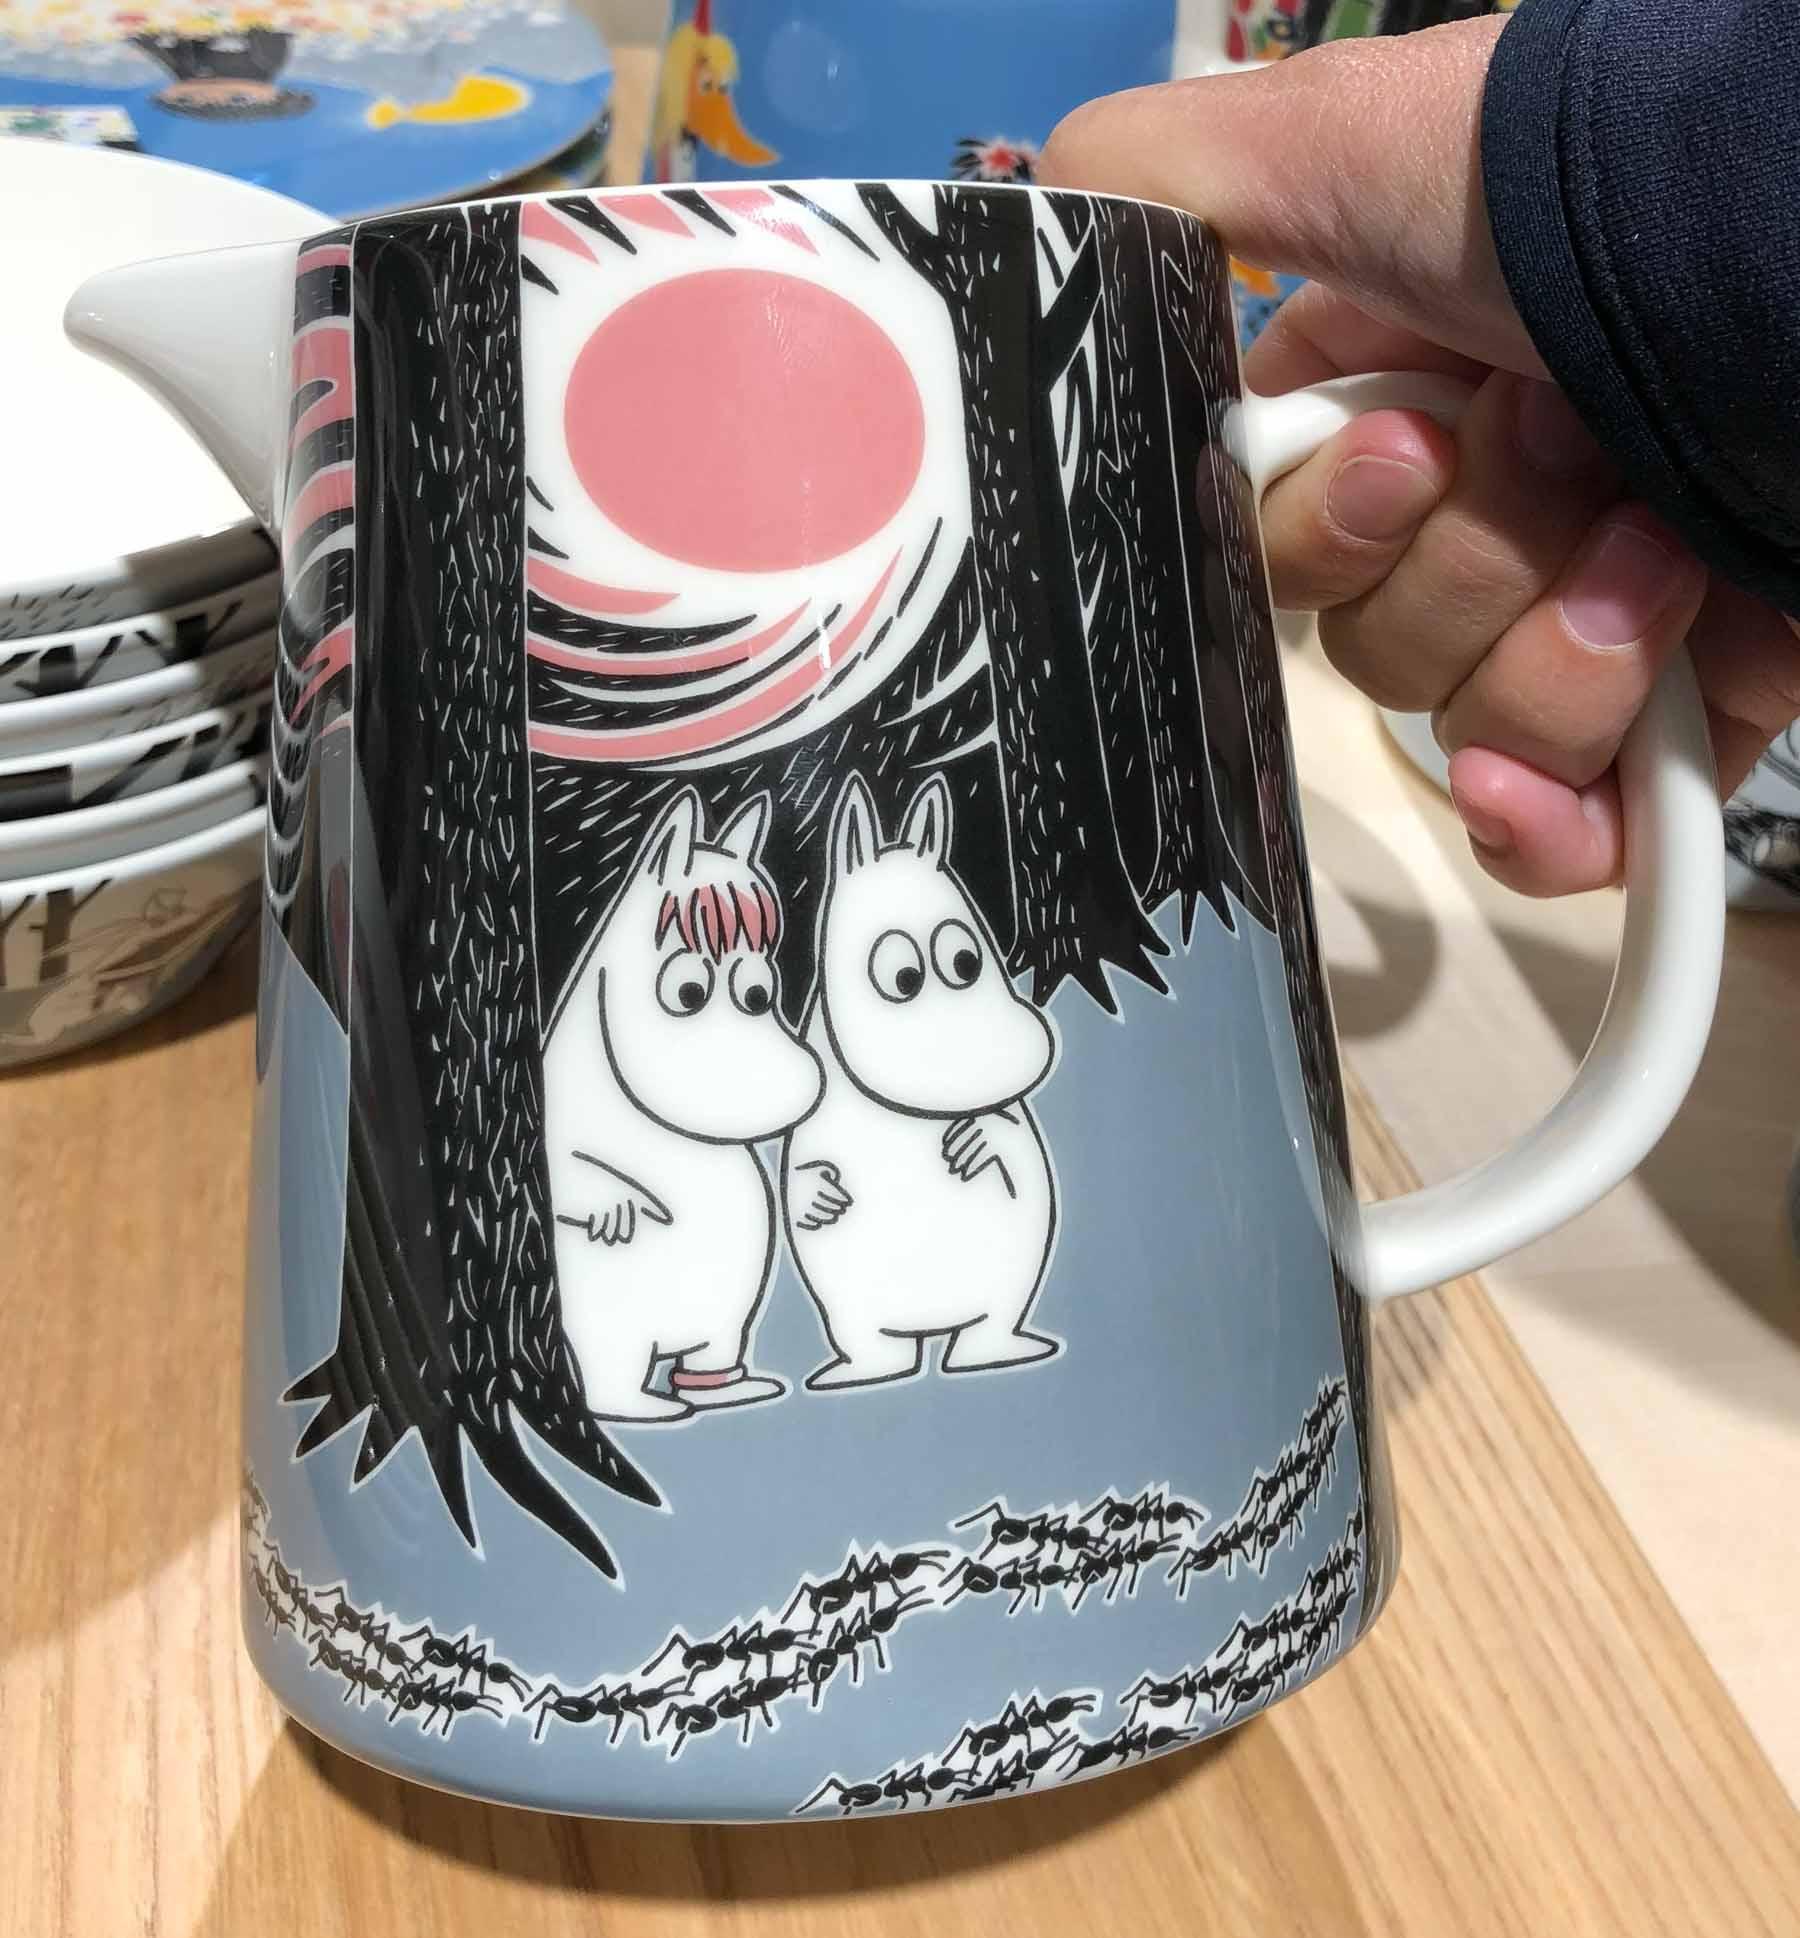 ... sodass man gut mal nach einer hübschen Tasse für ein heißes Getränk Ausschau halten kann